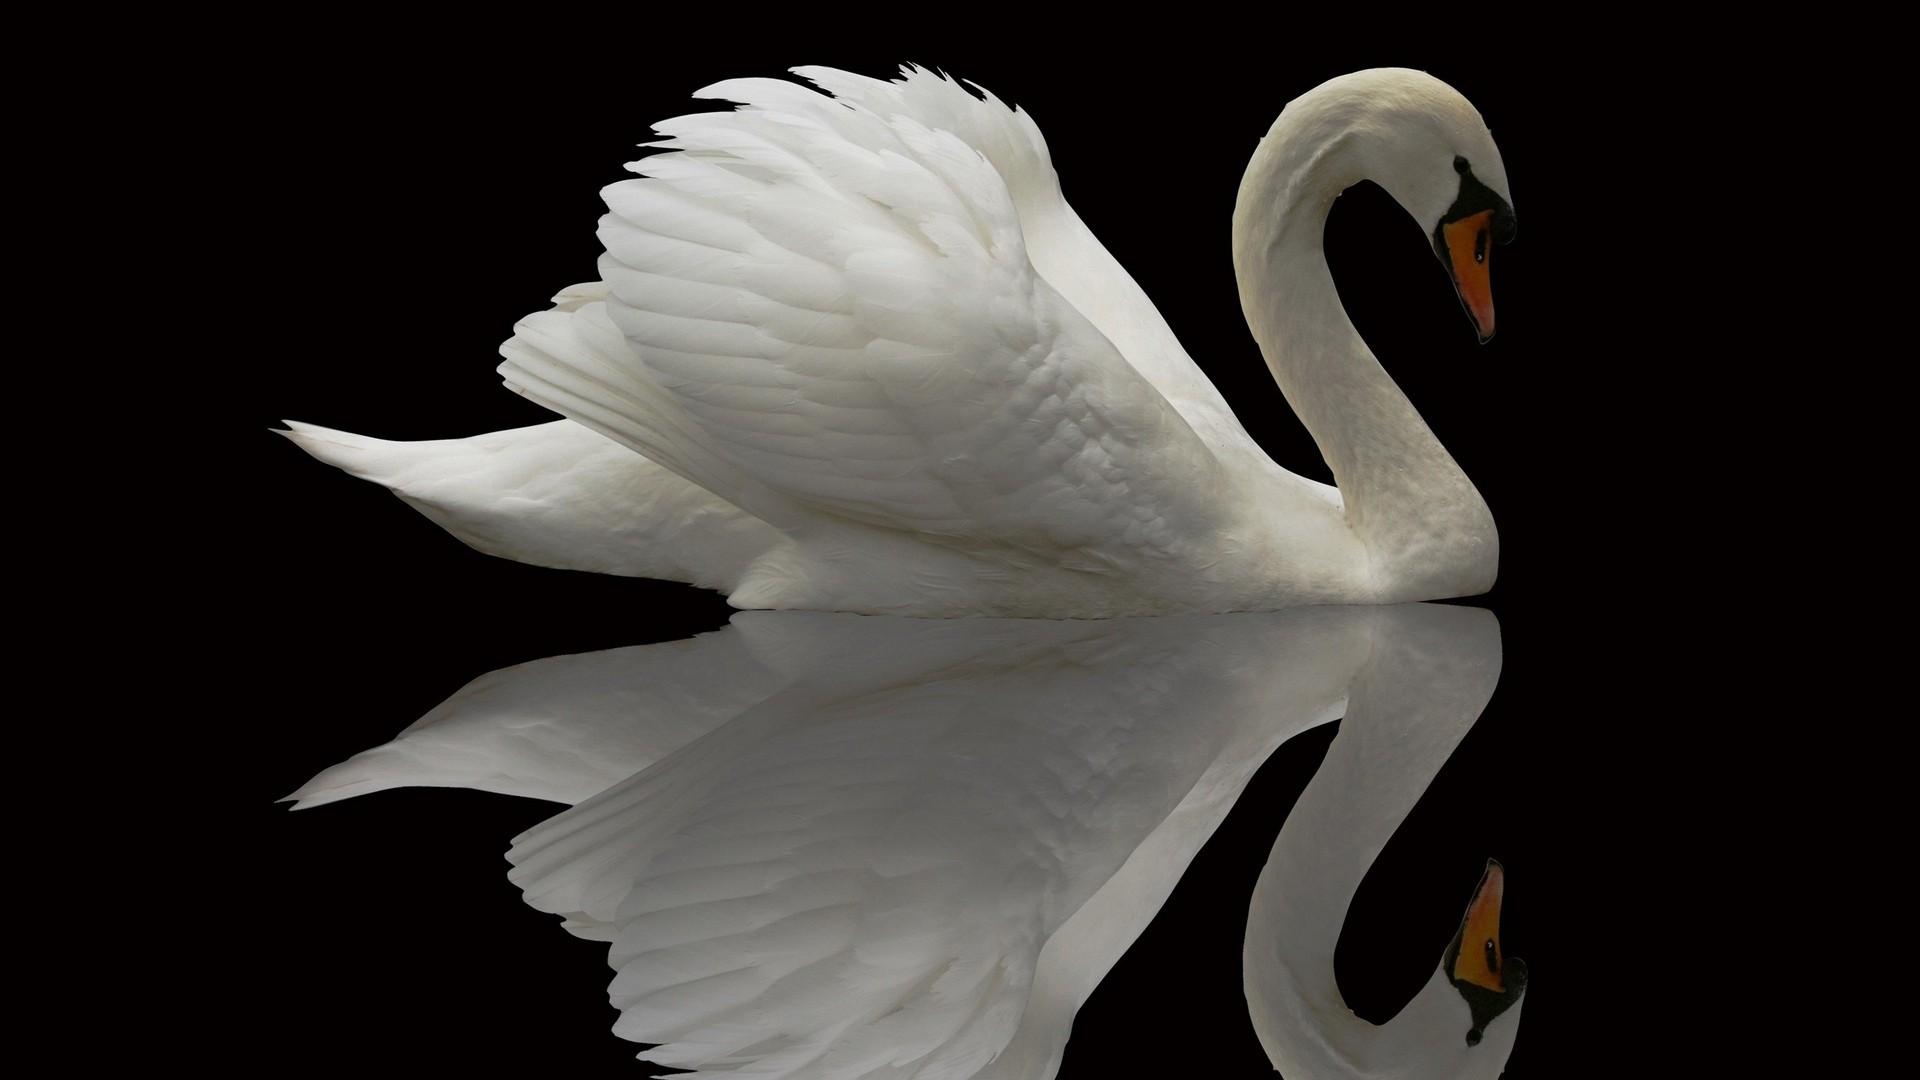 Swan wallpaper image